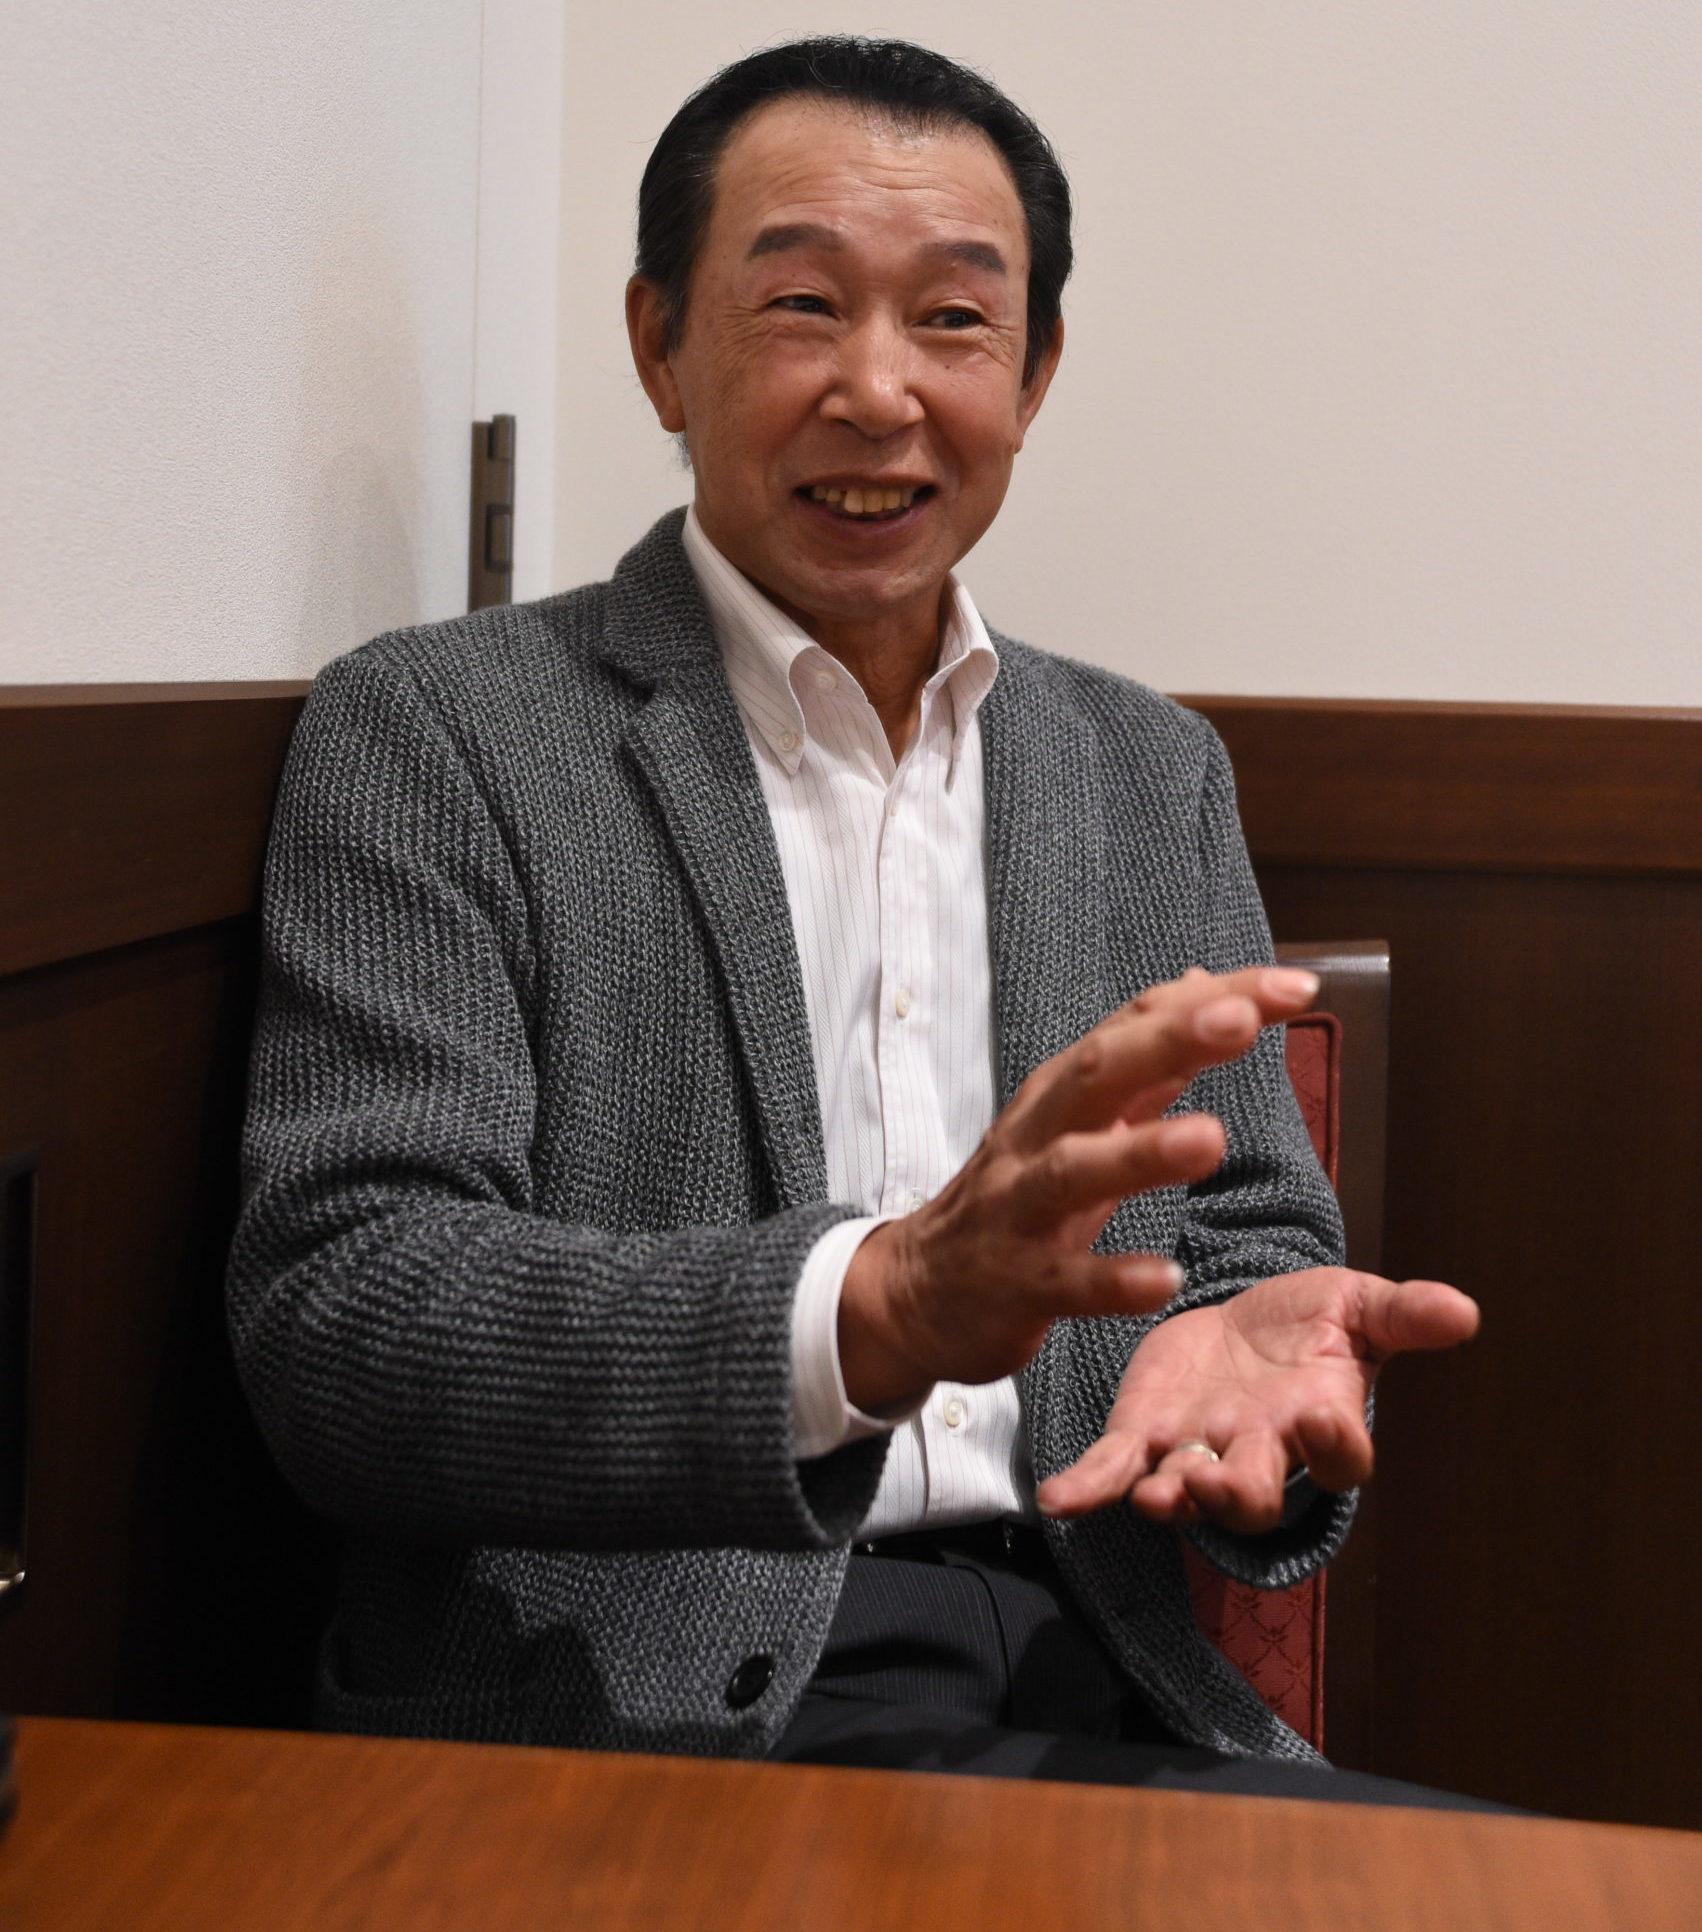 【レジェンドインタビュー】「甲子園での2本のホームランが人生を変えた」篠塚 和典(元巨人)